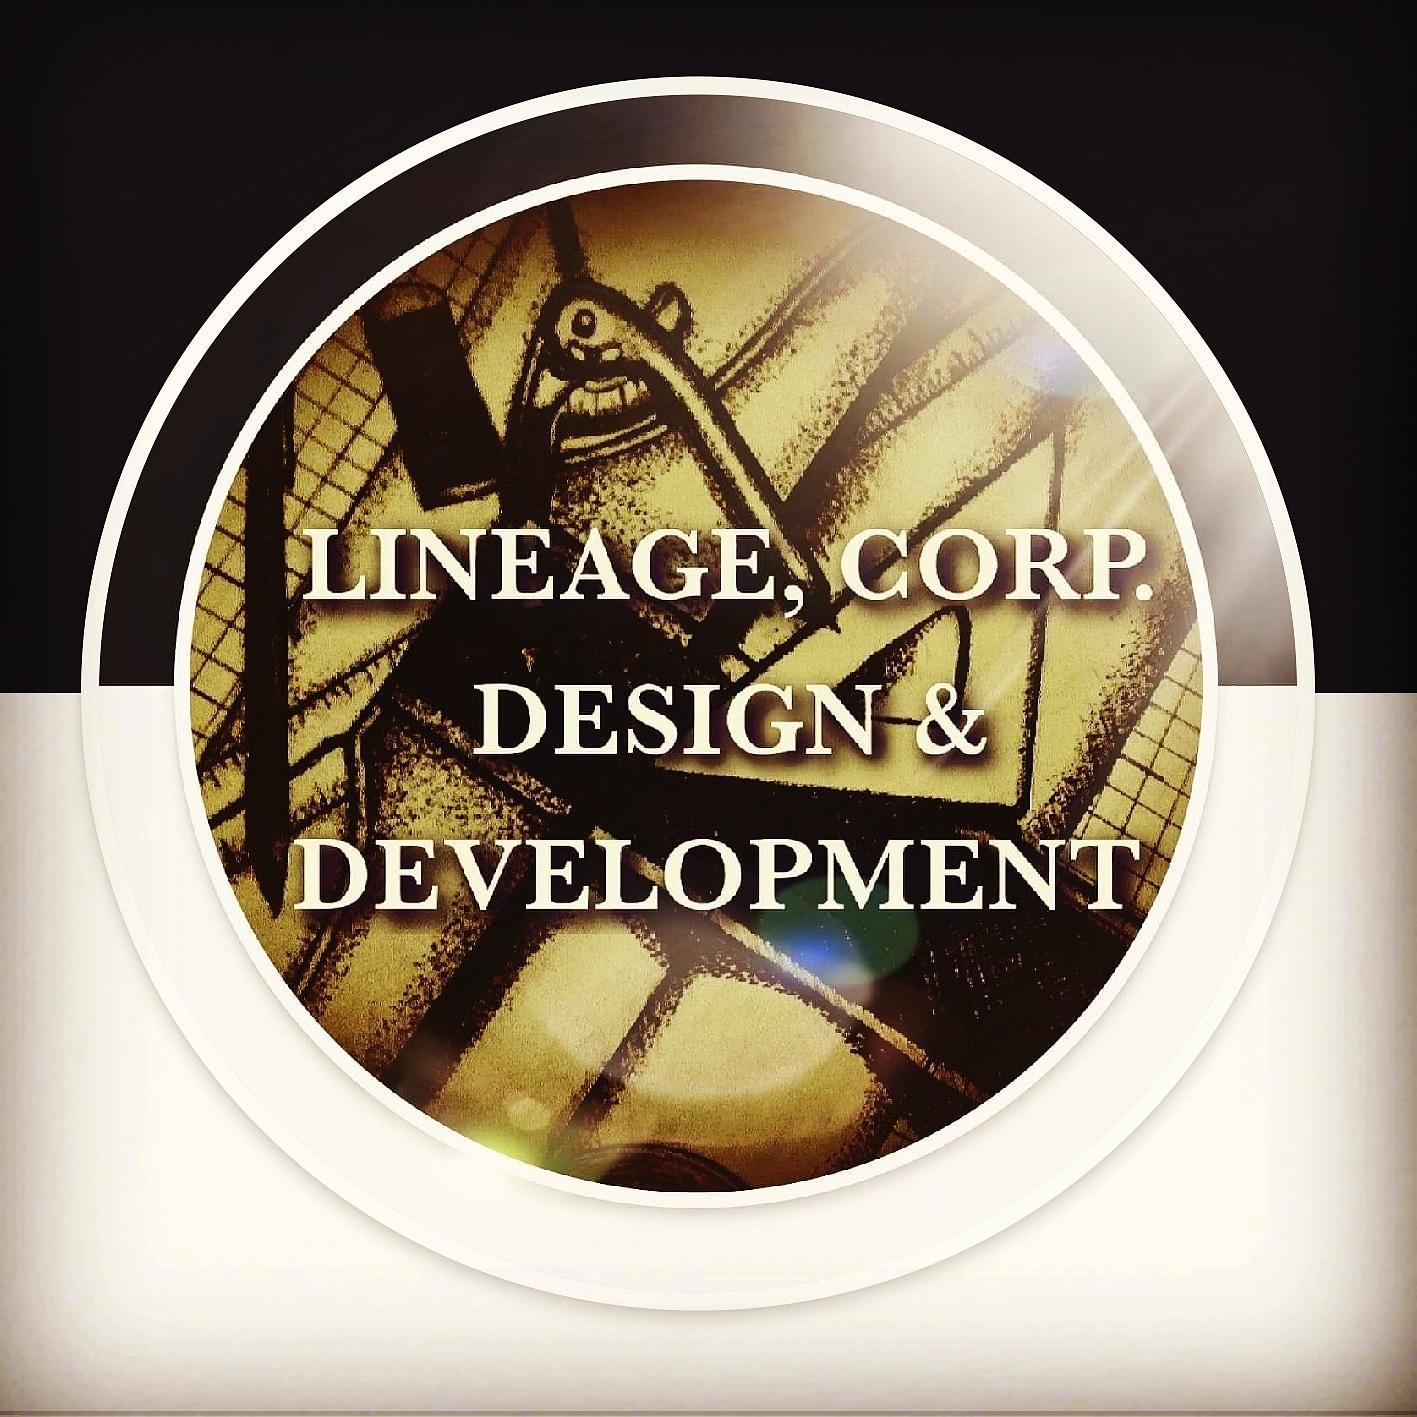 Lineage Corp. Design & Development